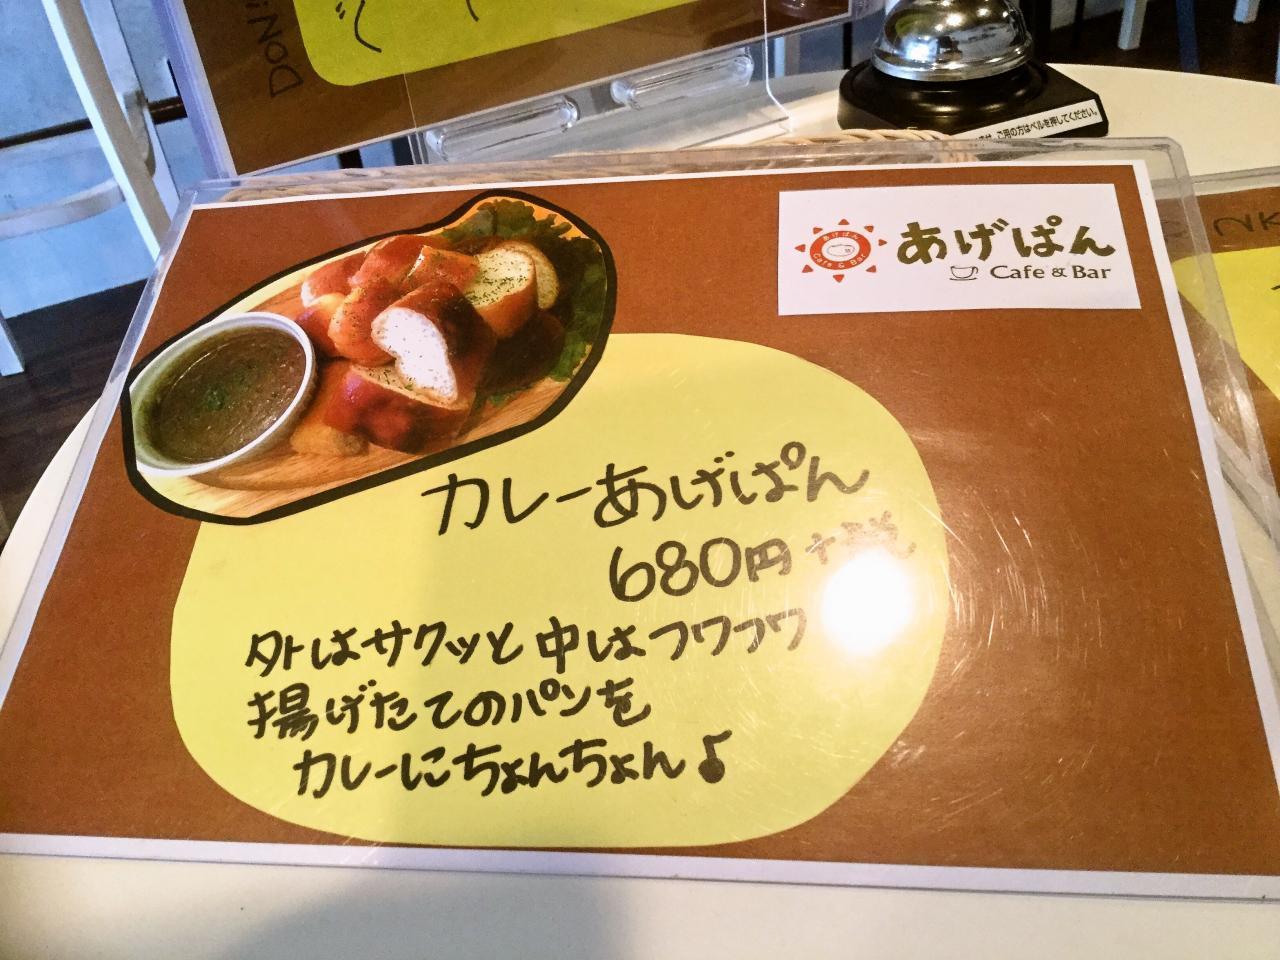 あげぱんカフェ&バー狭山店(メニュー)